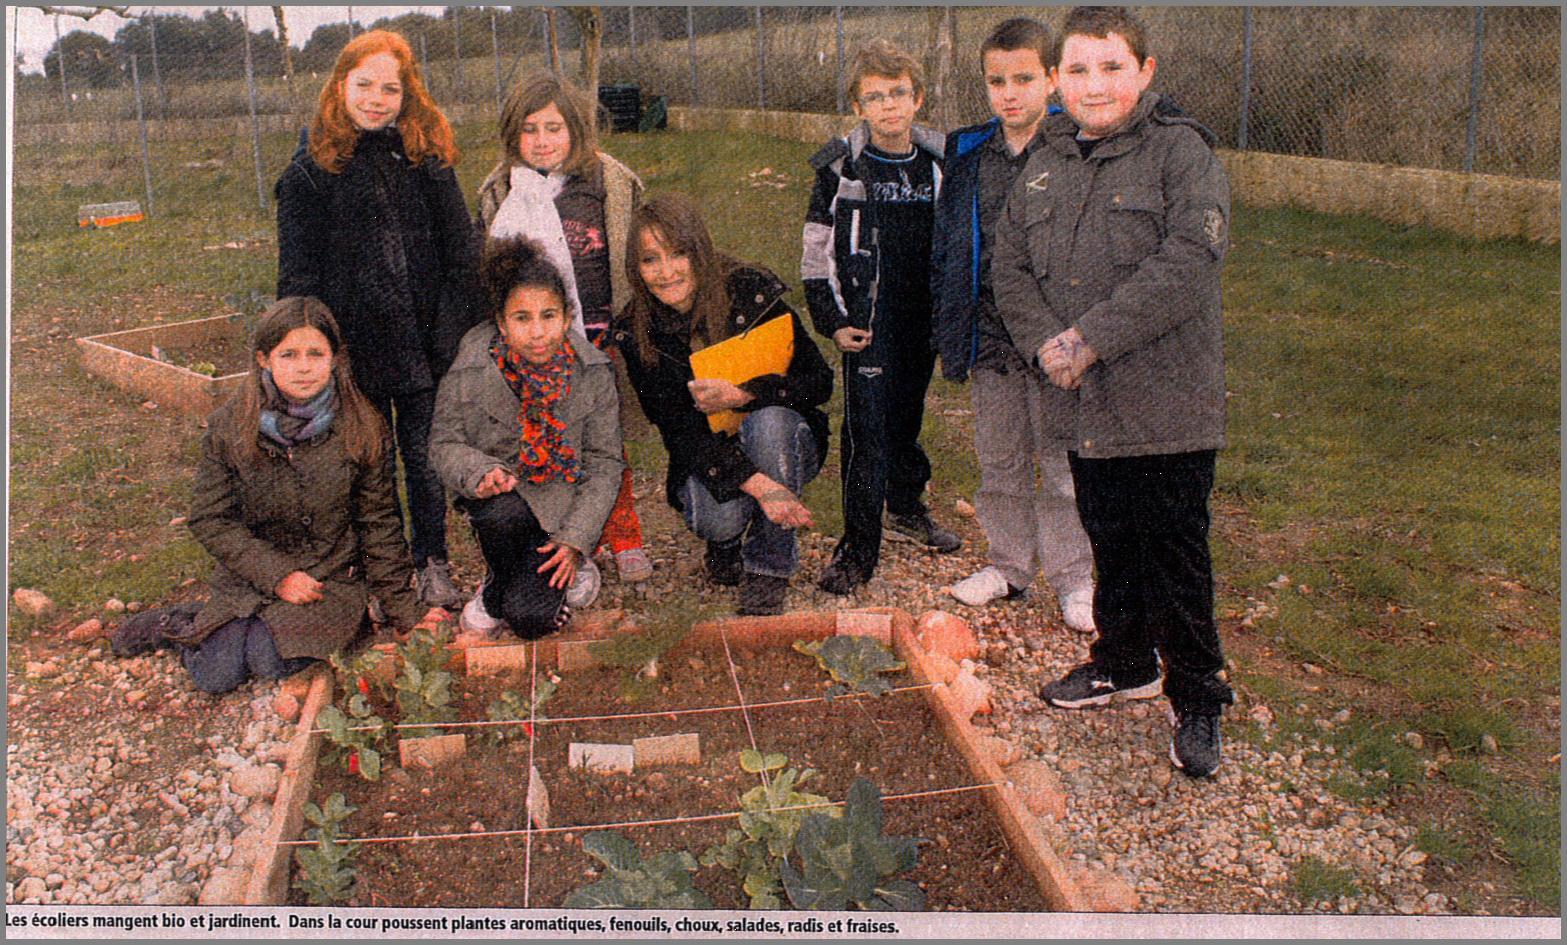 Cantine scolaire bio aleria le jardin potager bio for Le jardin potager bio